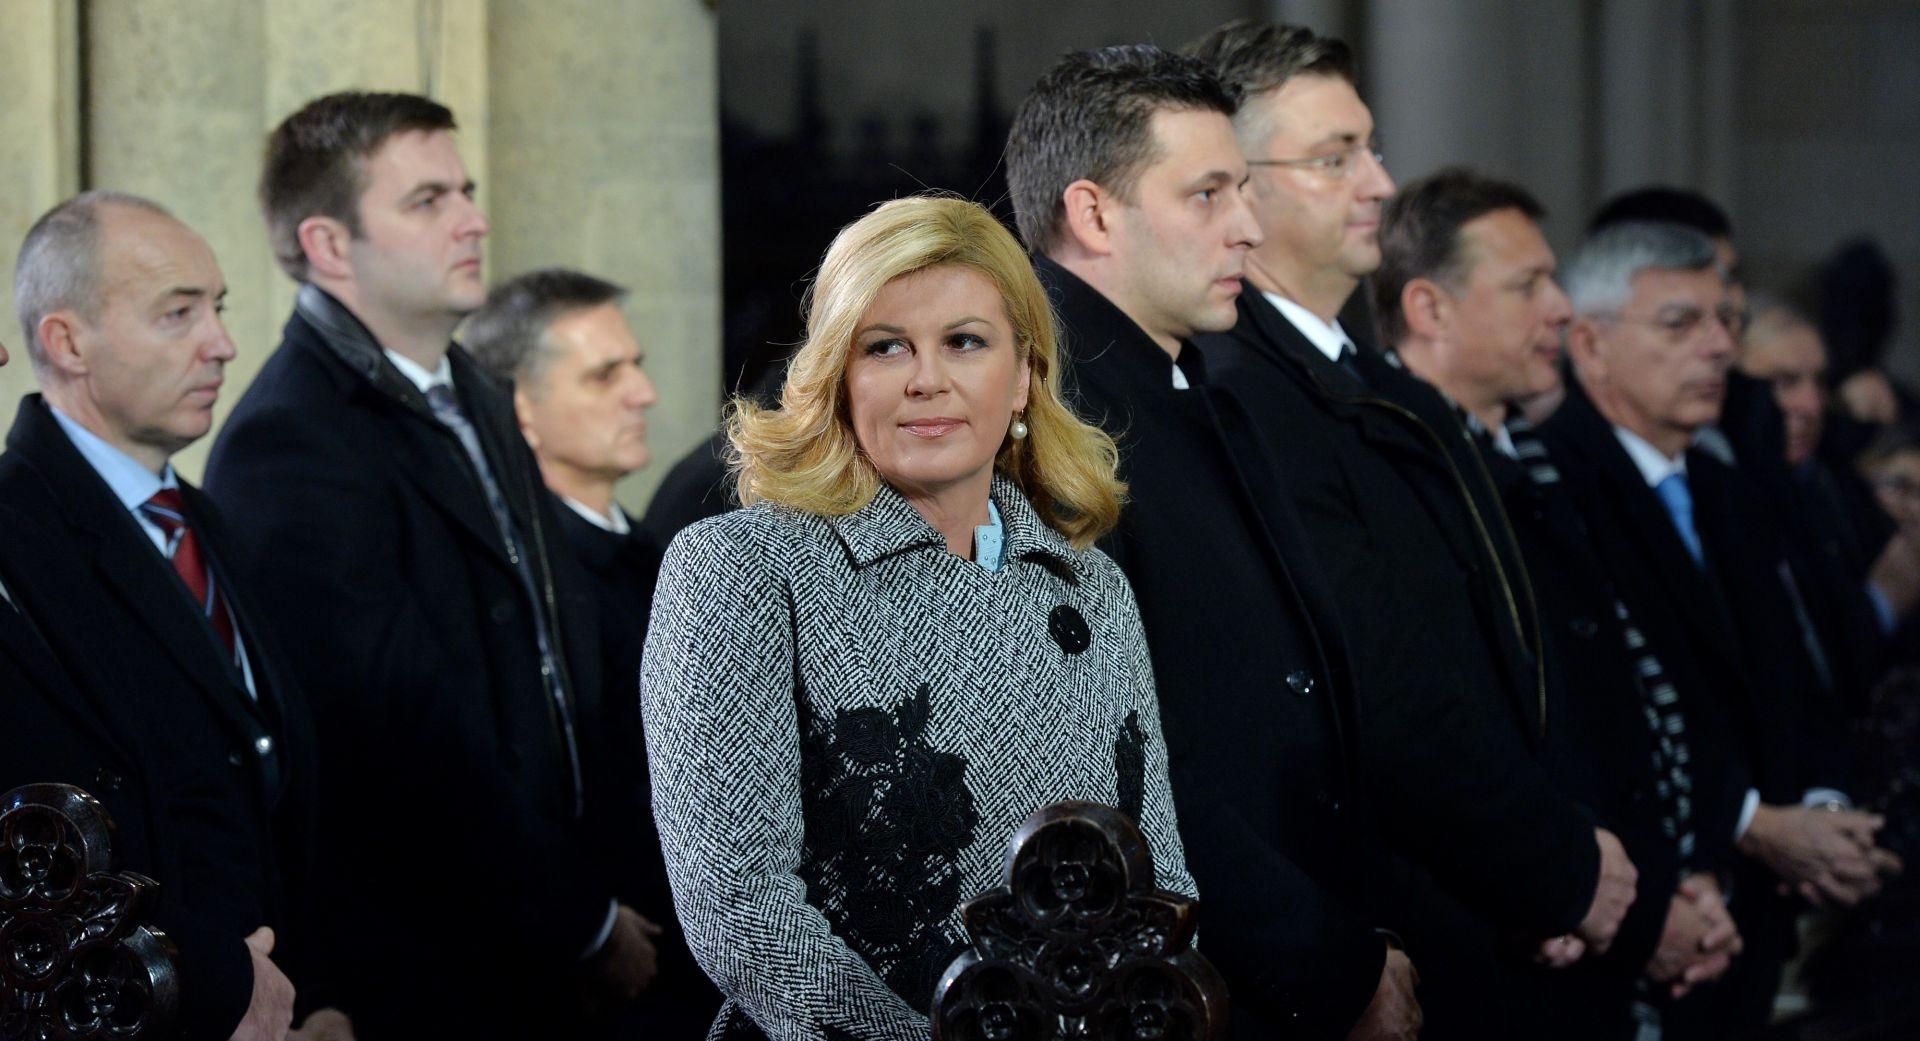 GRABAR KITAROVIĆ 'Zahvala svima koji su se izborili za međunarodno priznanje Republike Hrvatske'